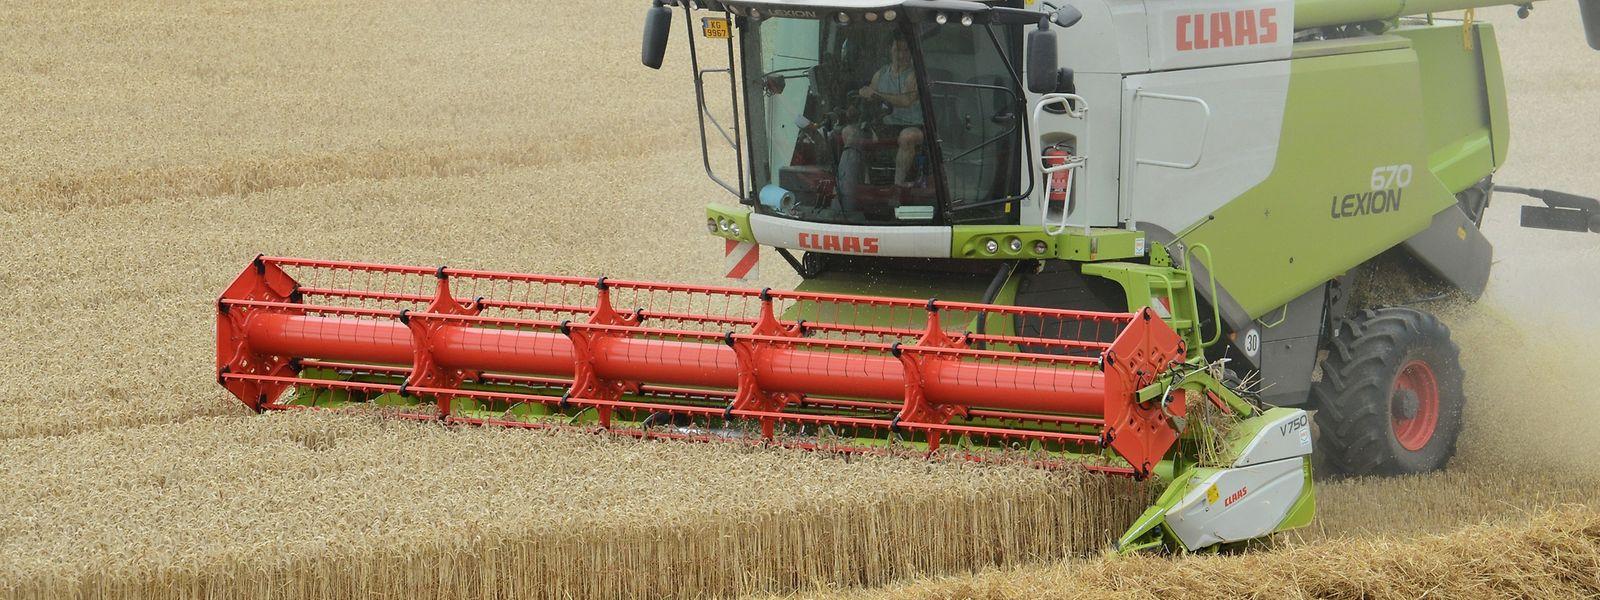 Die Bauern sind mit ihren Mähdreschern zurzeit im Dauereinsatz. Die Witterung ist für die Ernte ideal.